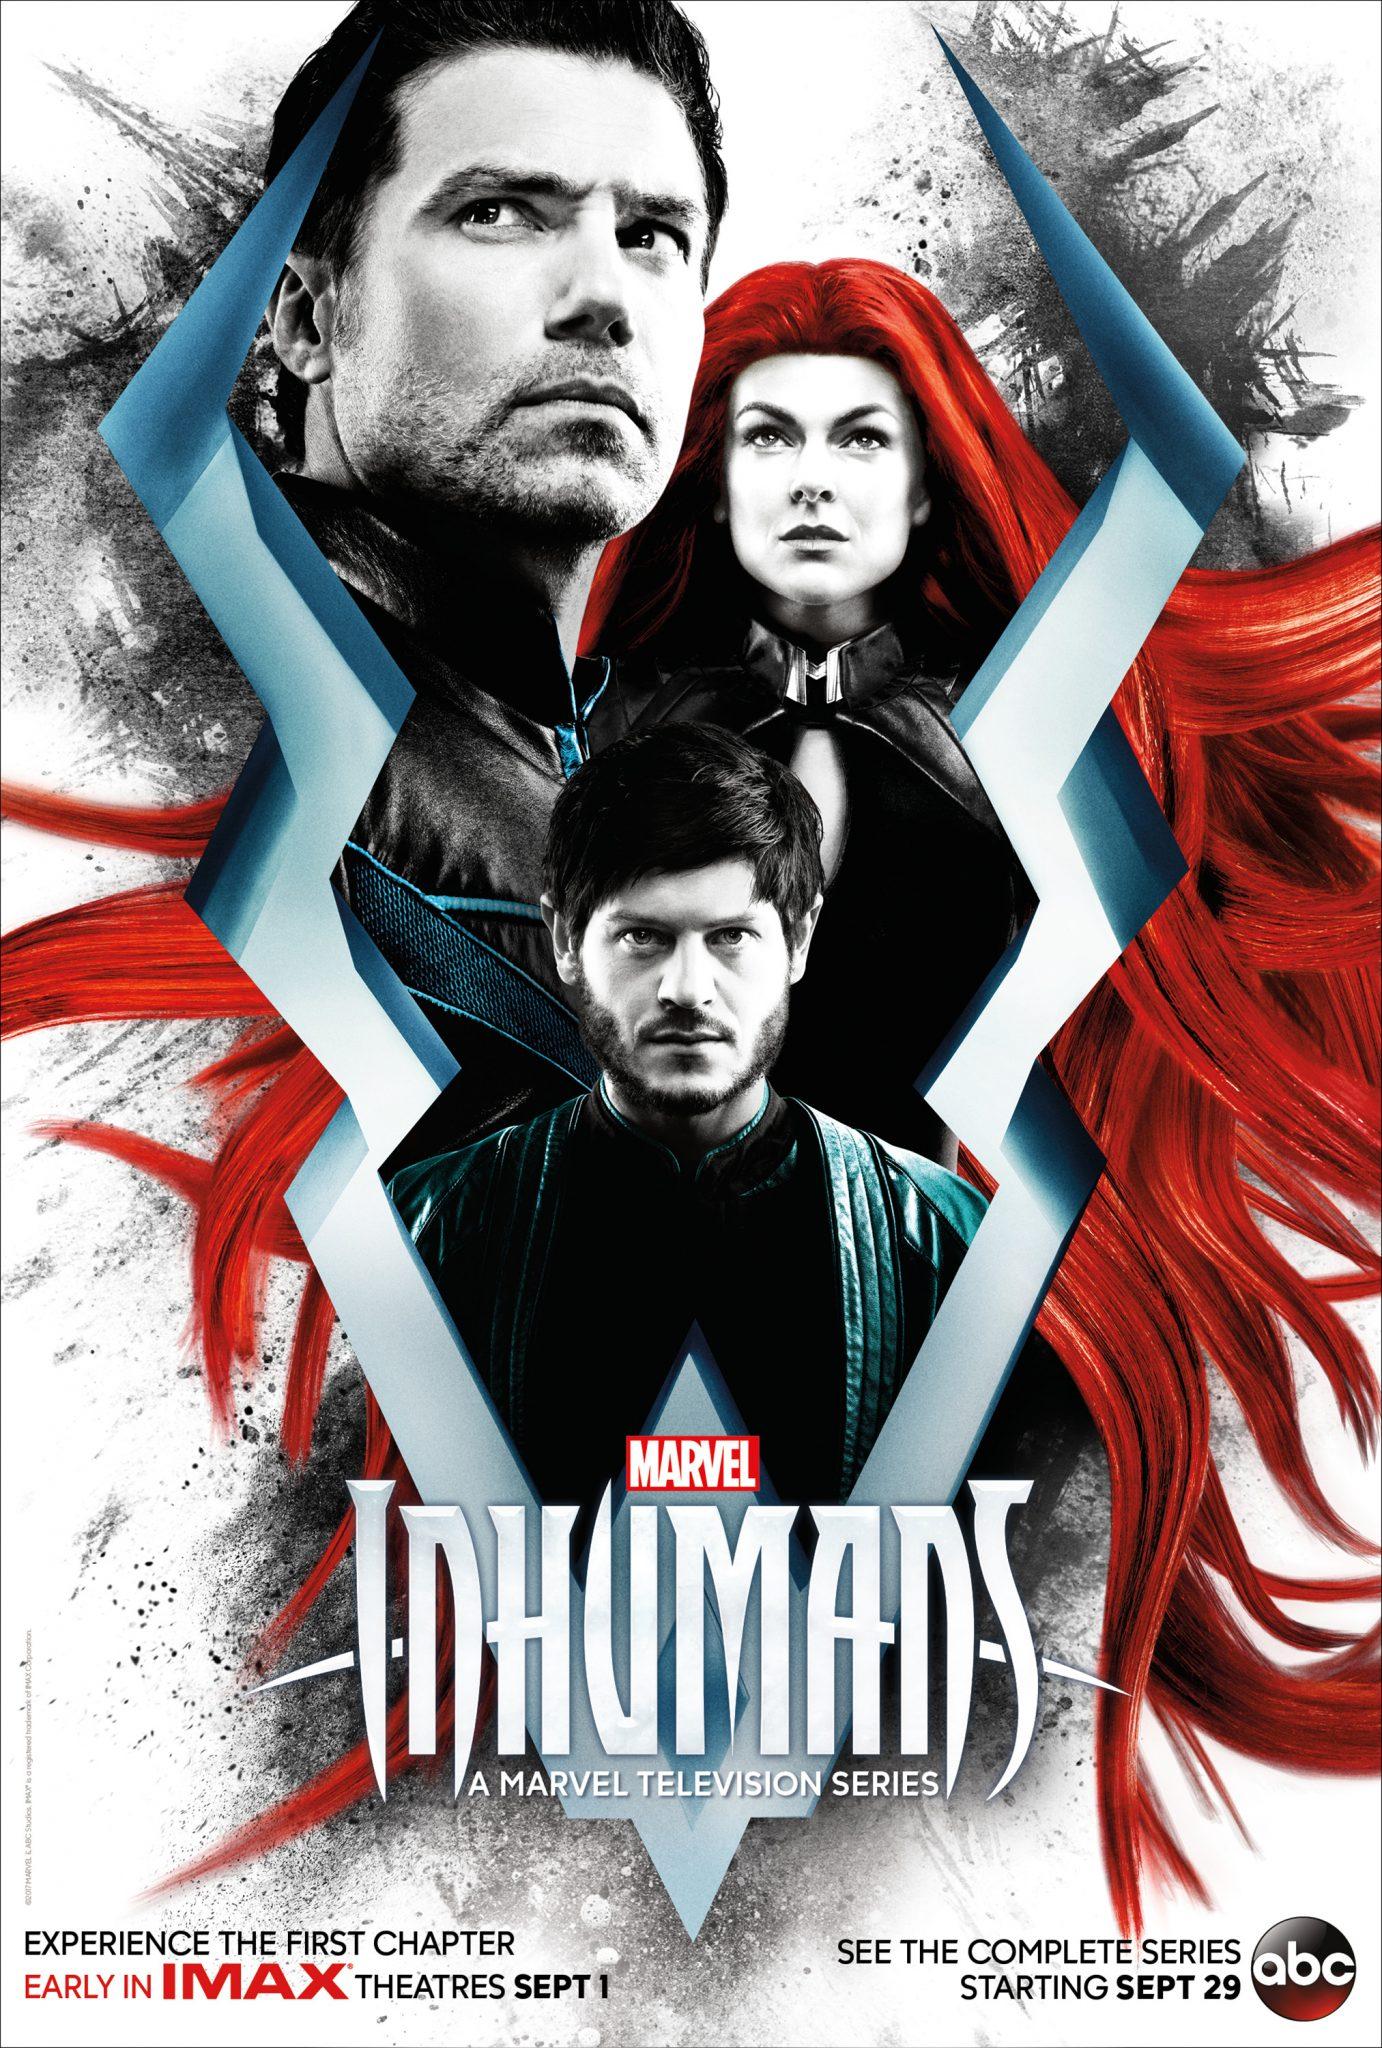 New Show: Marvel InHumans